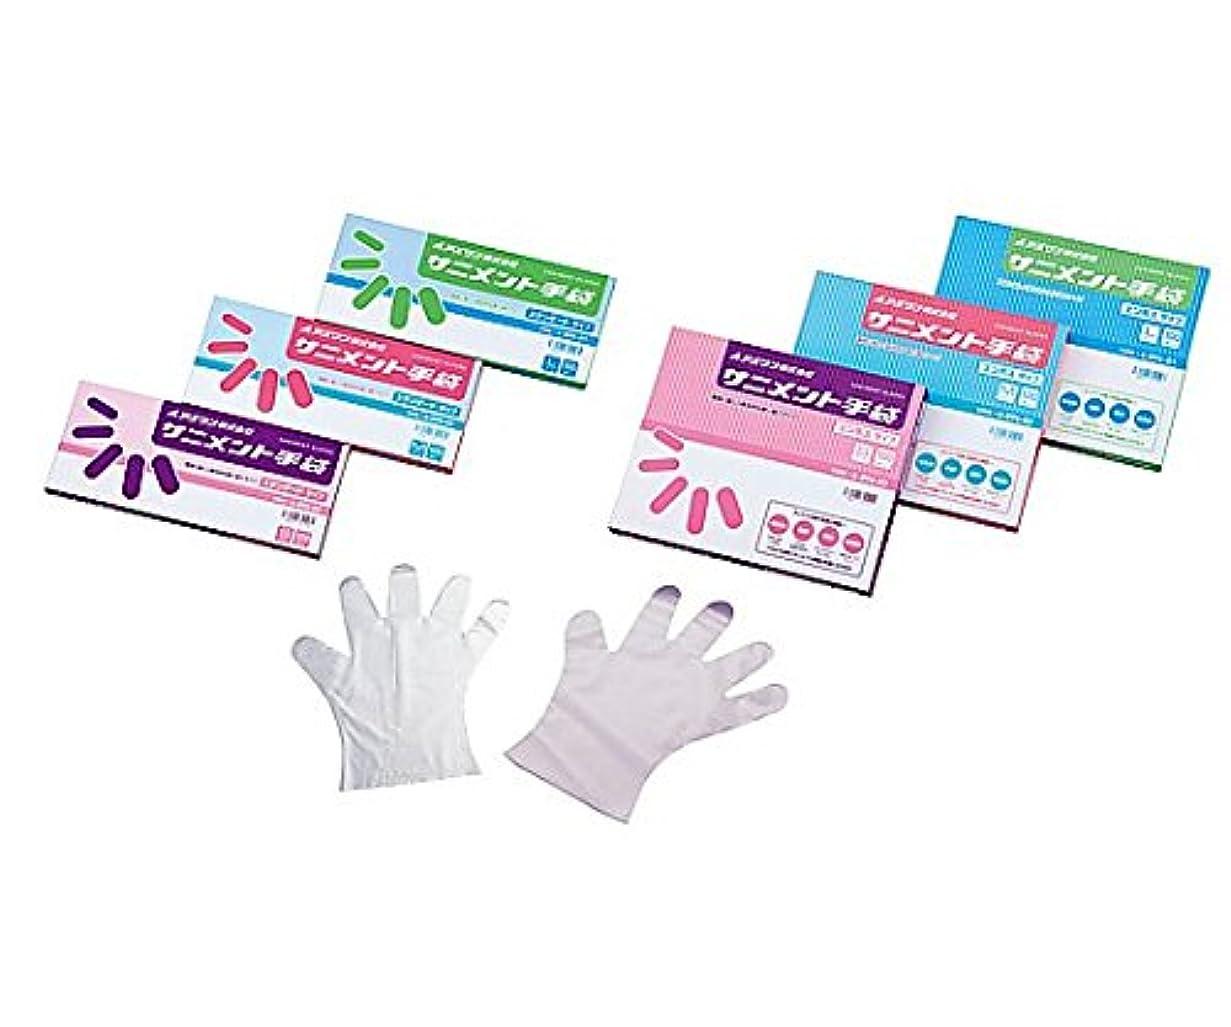 エゴマニア昼寝比率アズワン9-888-02ラボランサニメント手袋(PE?厚手タイプ)スタンダードM10箱+1箱